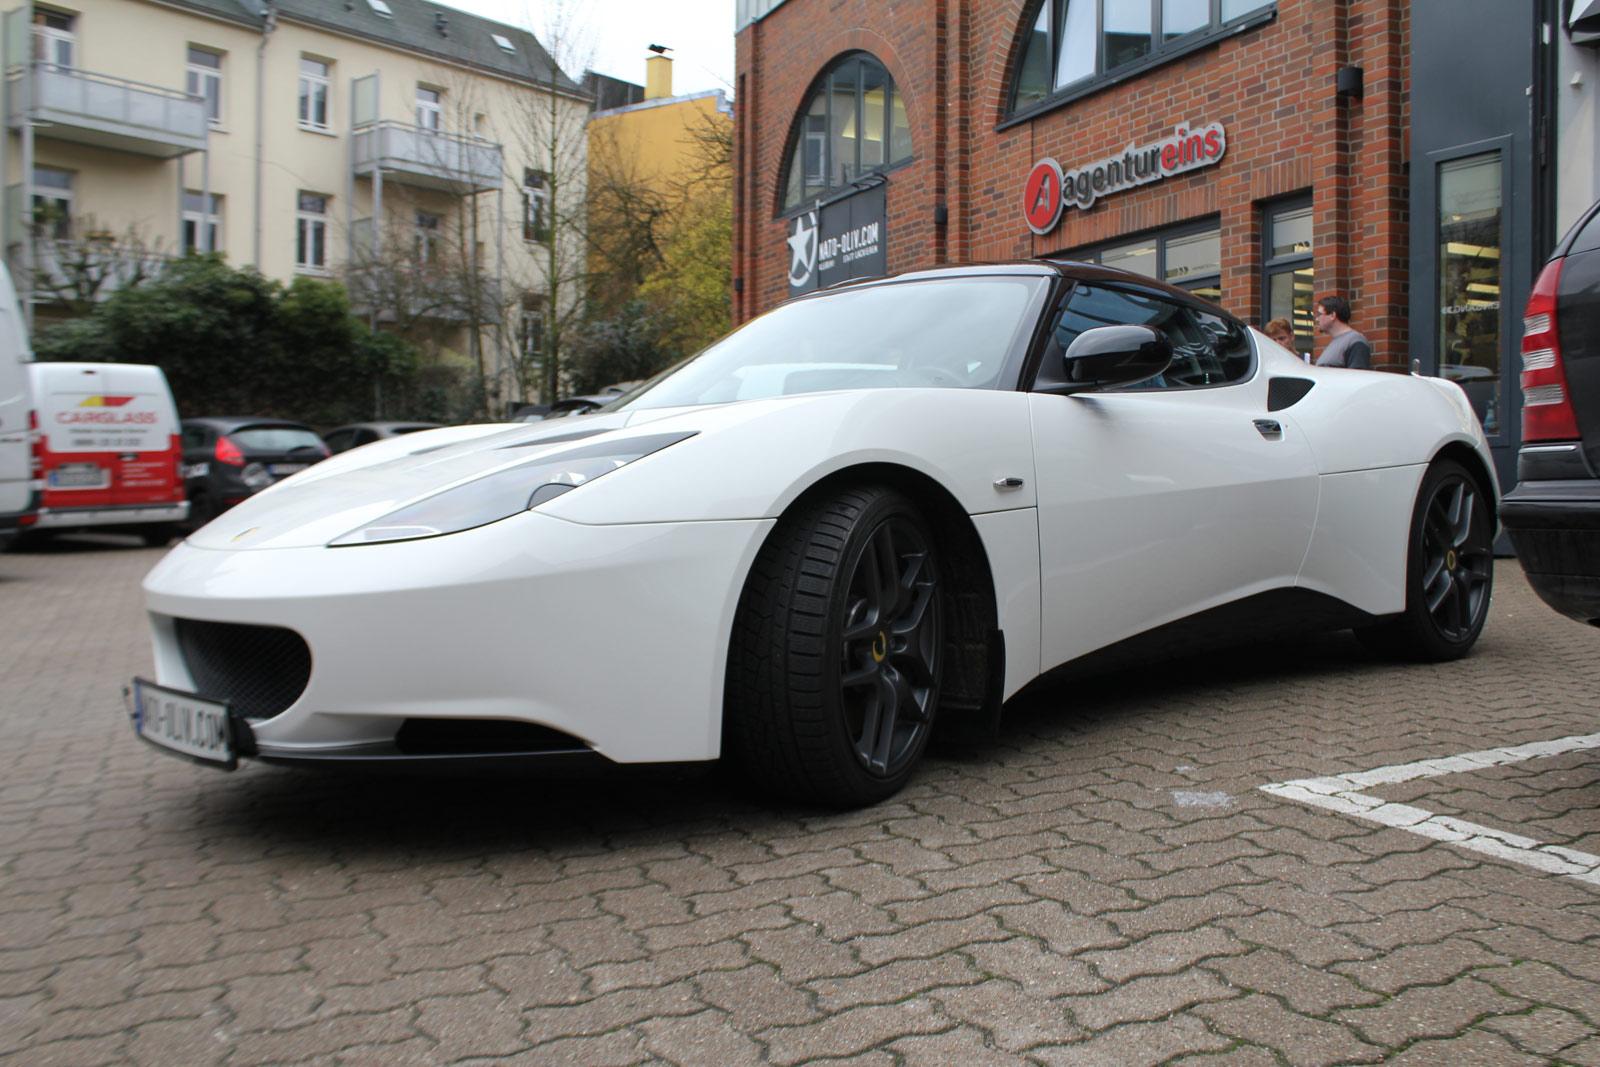 Lotus Evora S Folierung im Sports Racer Design (Seitenansicht).